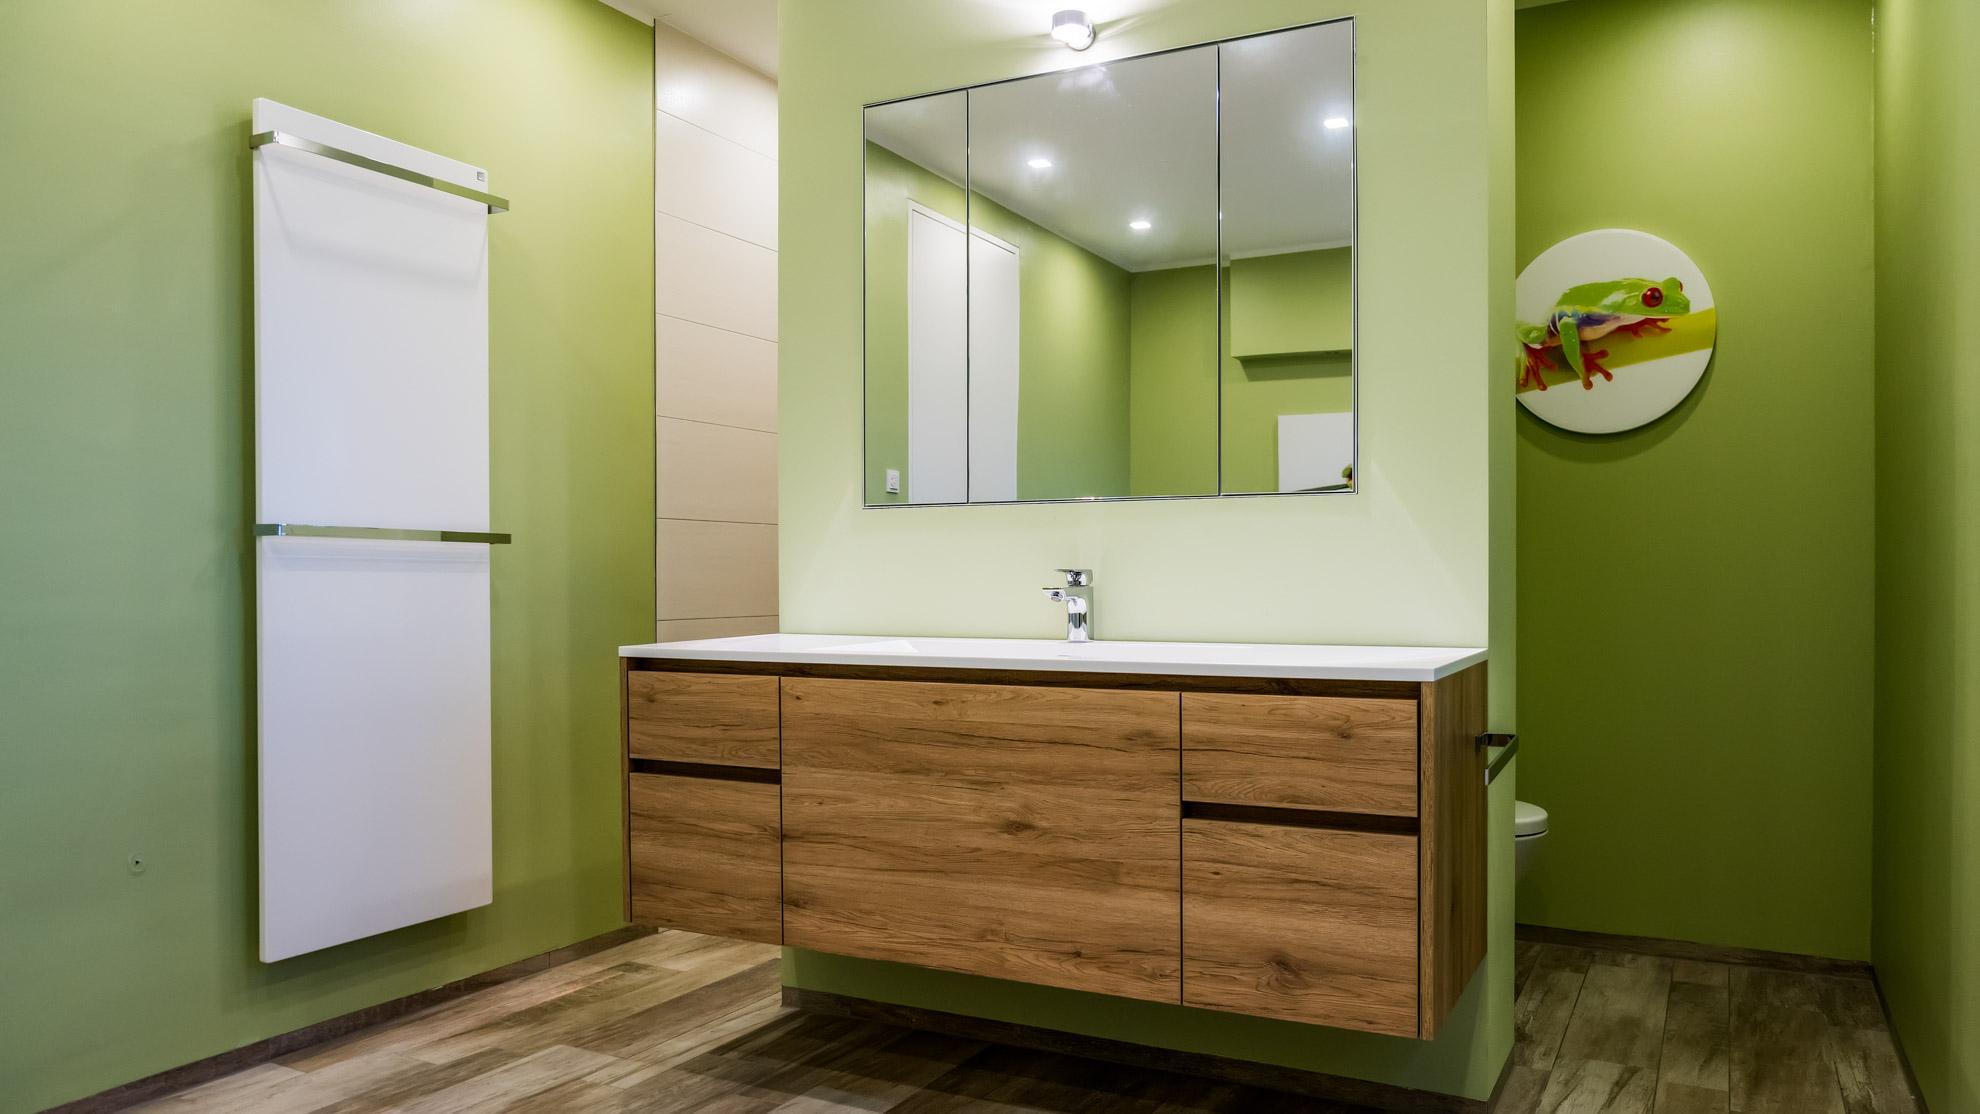 Grünes Badezimmer mit Waschtisch aus Wildeiche